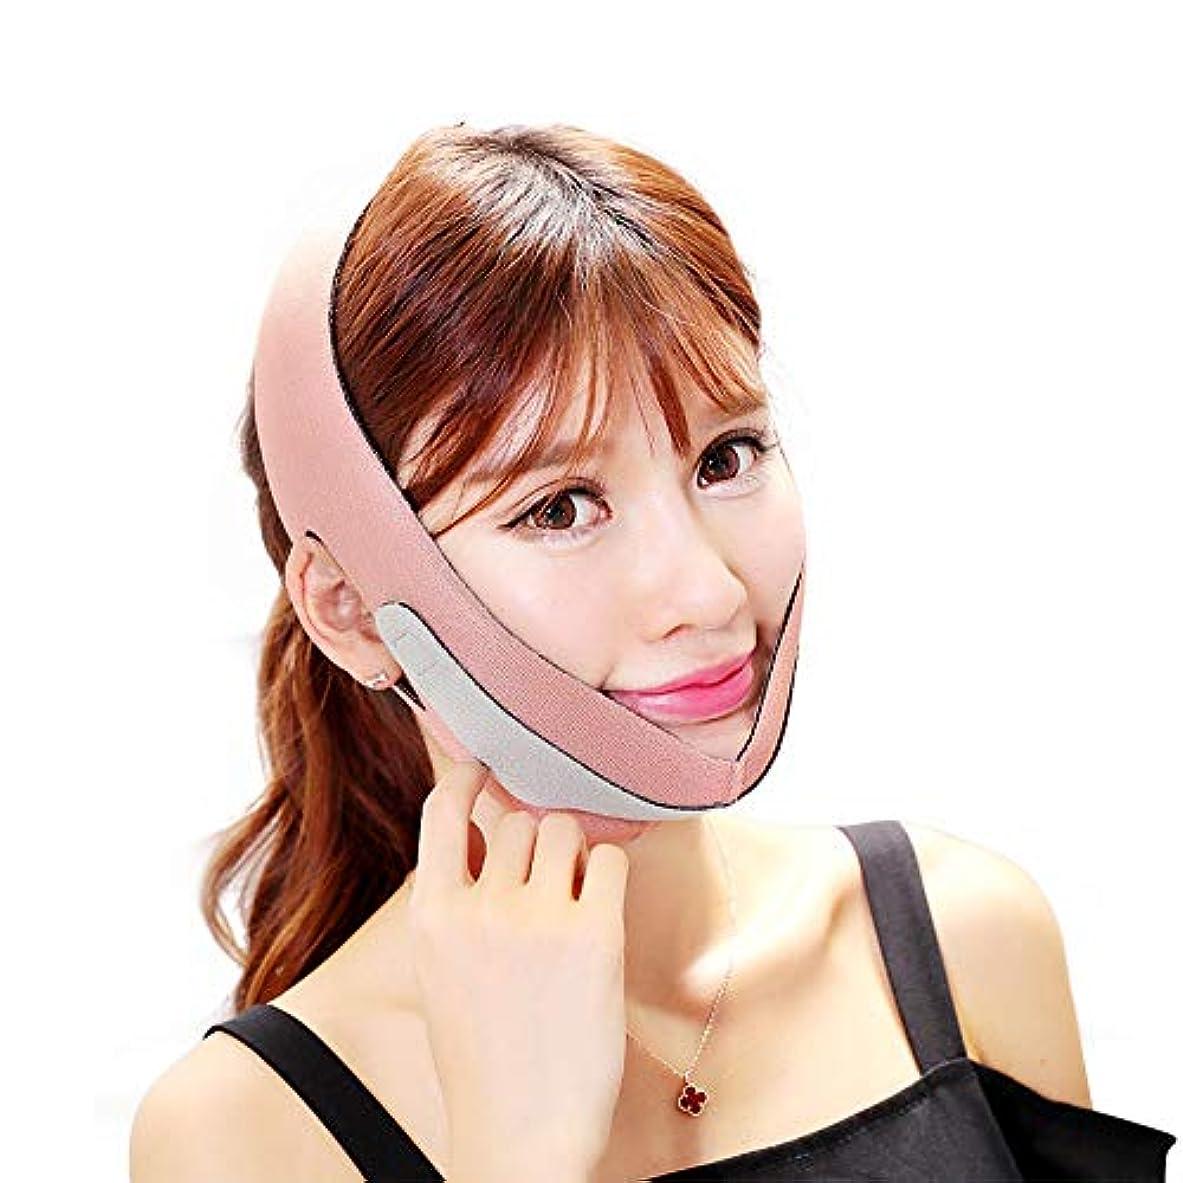 金曜日混沌保育園【Maveni】小顔 ベルト 美顔 顔痩せ 最新型 リフトアップベルト フェイスマスク メンズ レディース